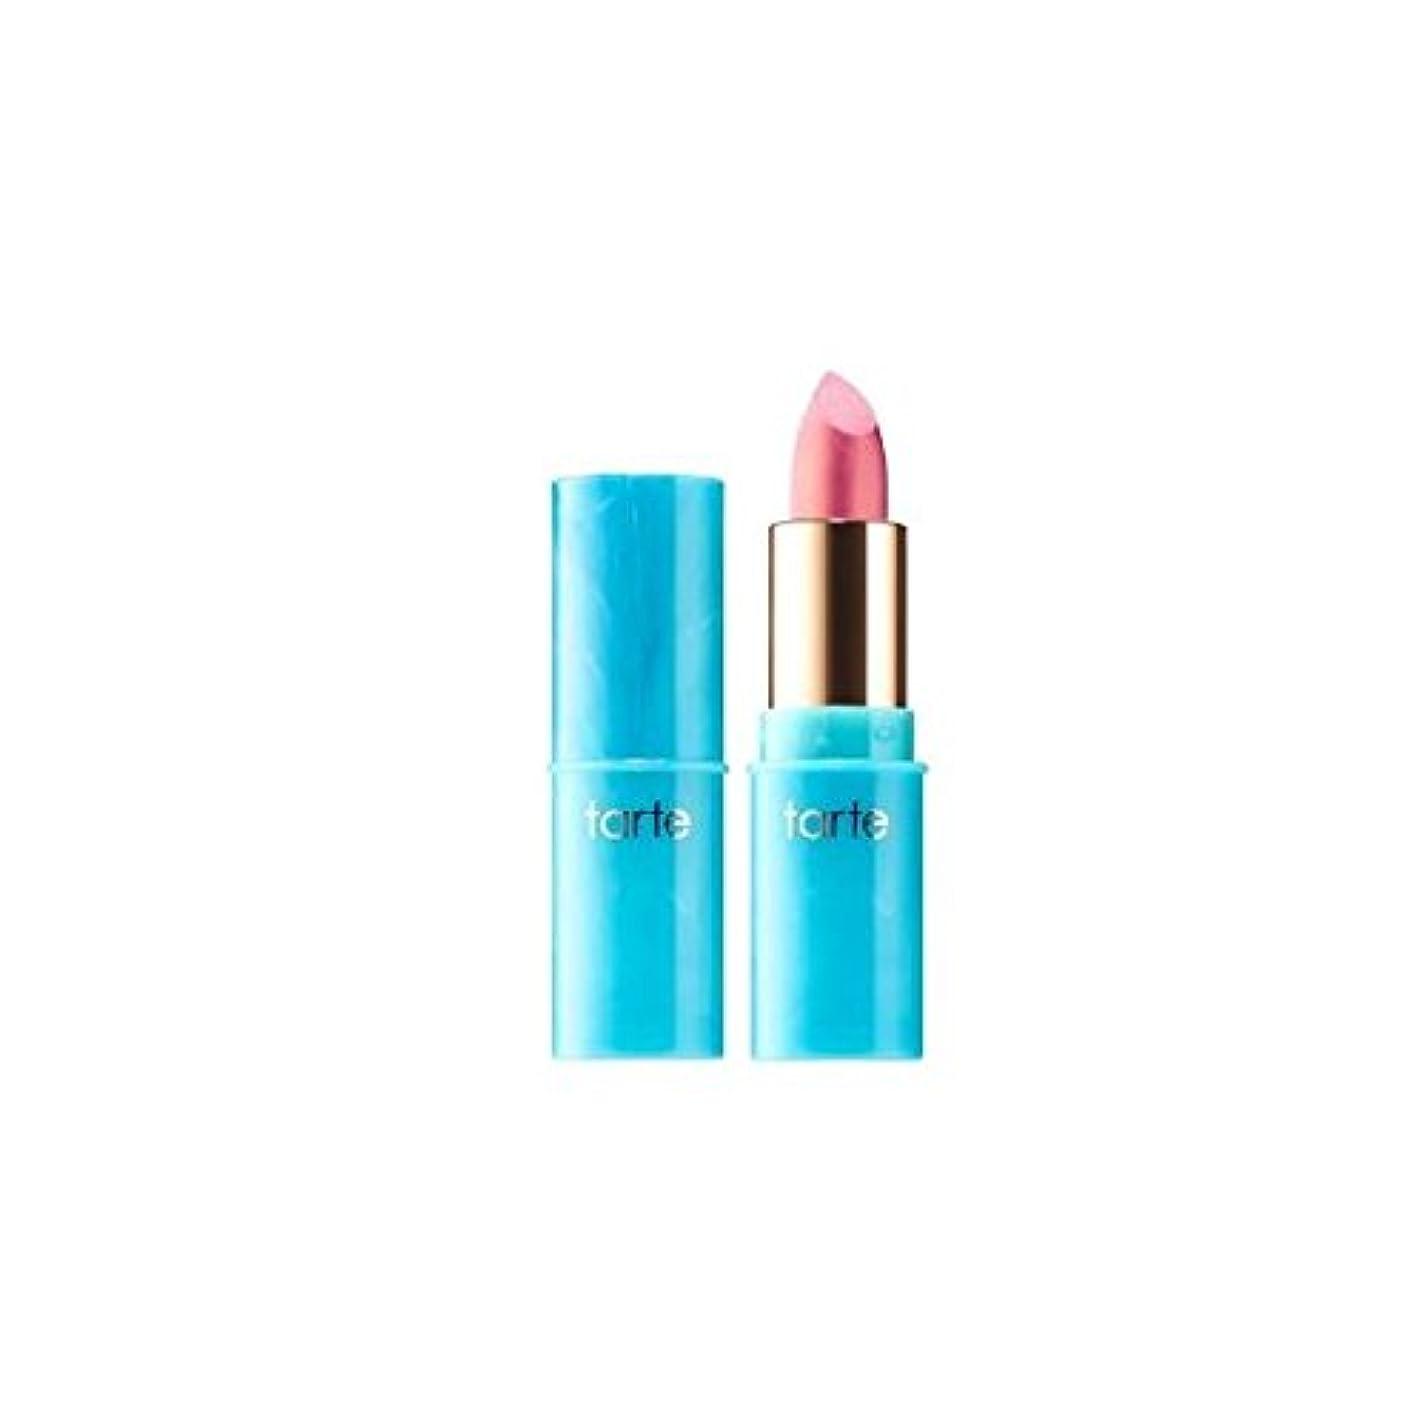 クロスウミウシ混雑tarteタルト リップ Color Splash Lipstick - Rainforest of the Sea Collection Metallic finish